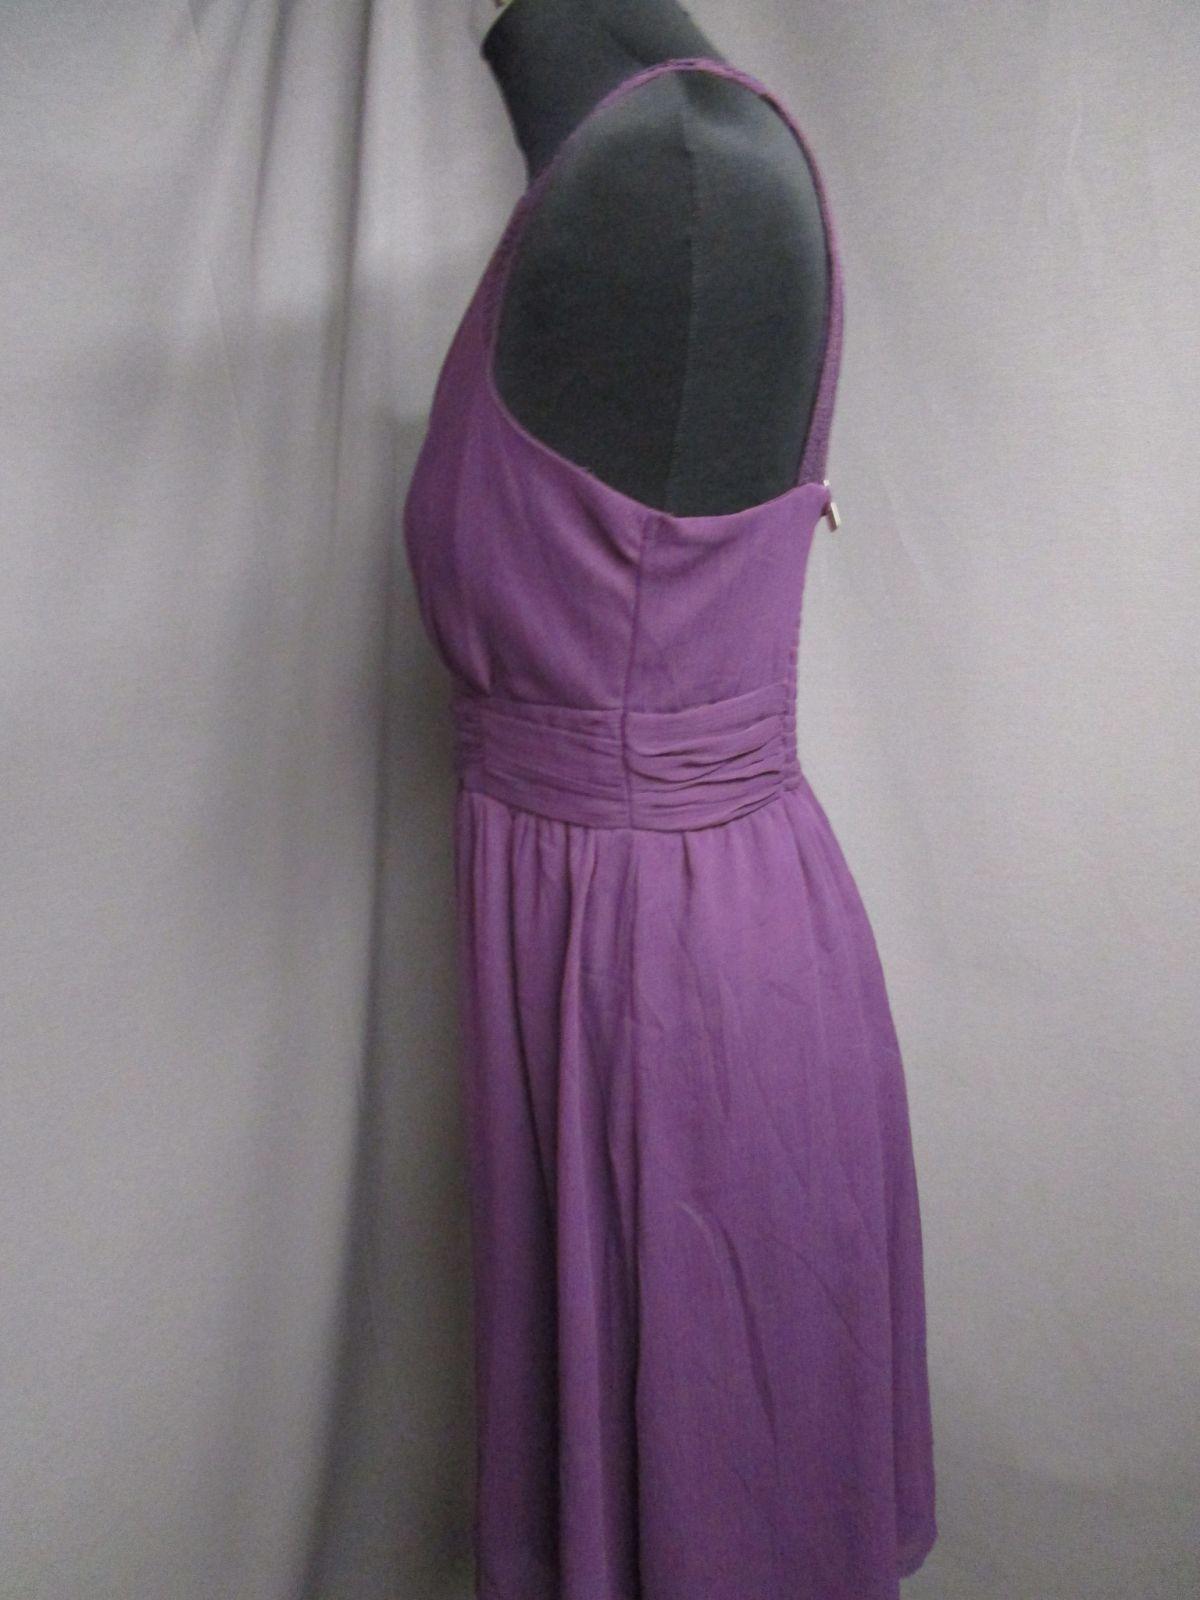 details zu vero moda kleid lila gesmokter rücken pailetten gr.s neuwertig  (z77)